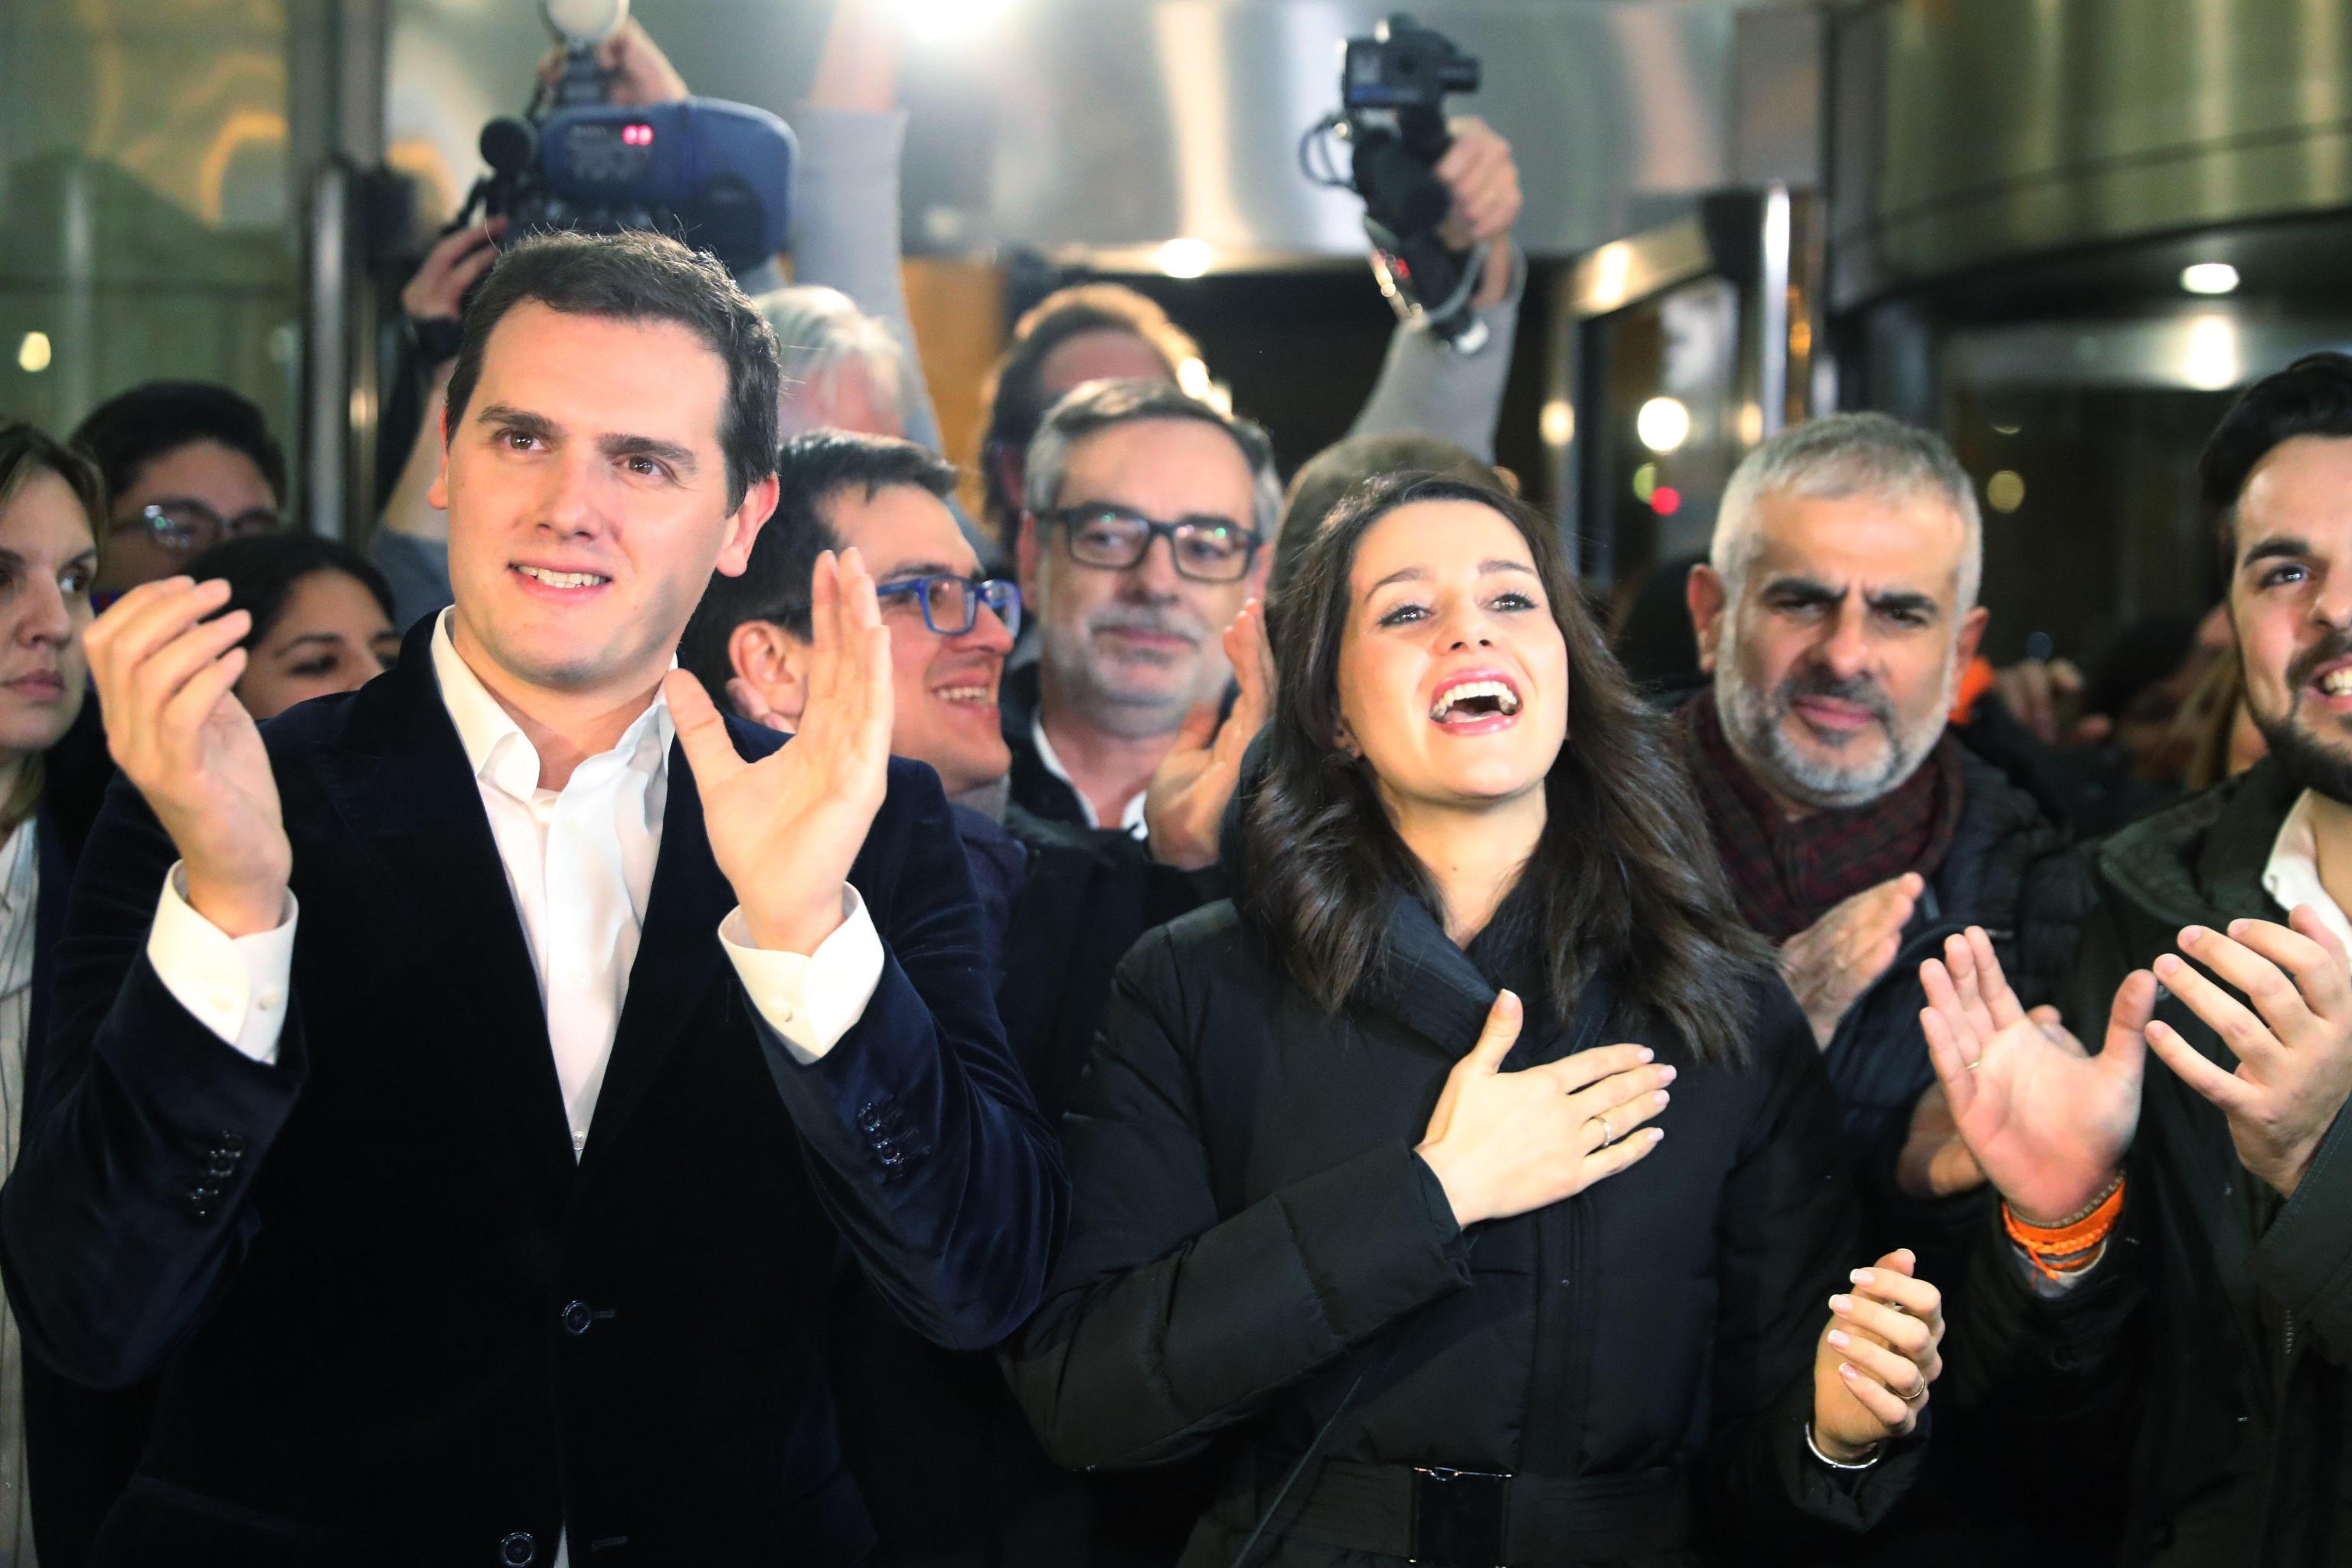 Elezioni in Catalogna 2017, i risultati: Ciudadanos primo partito ma gli indipendentisti hanno la maggioranza